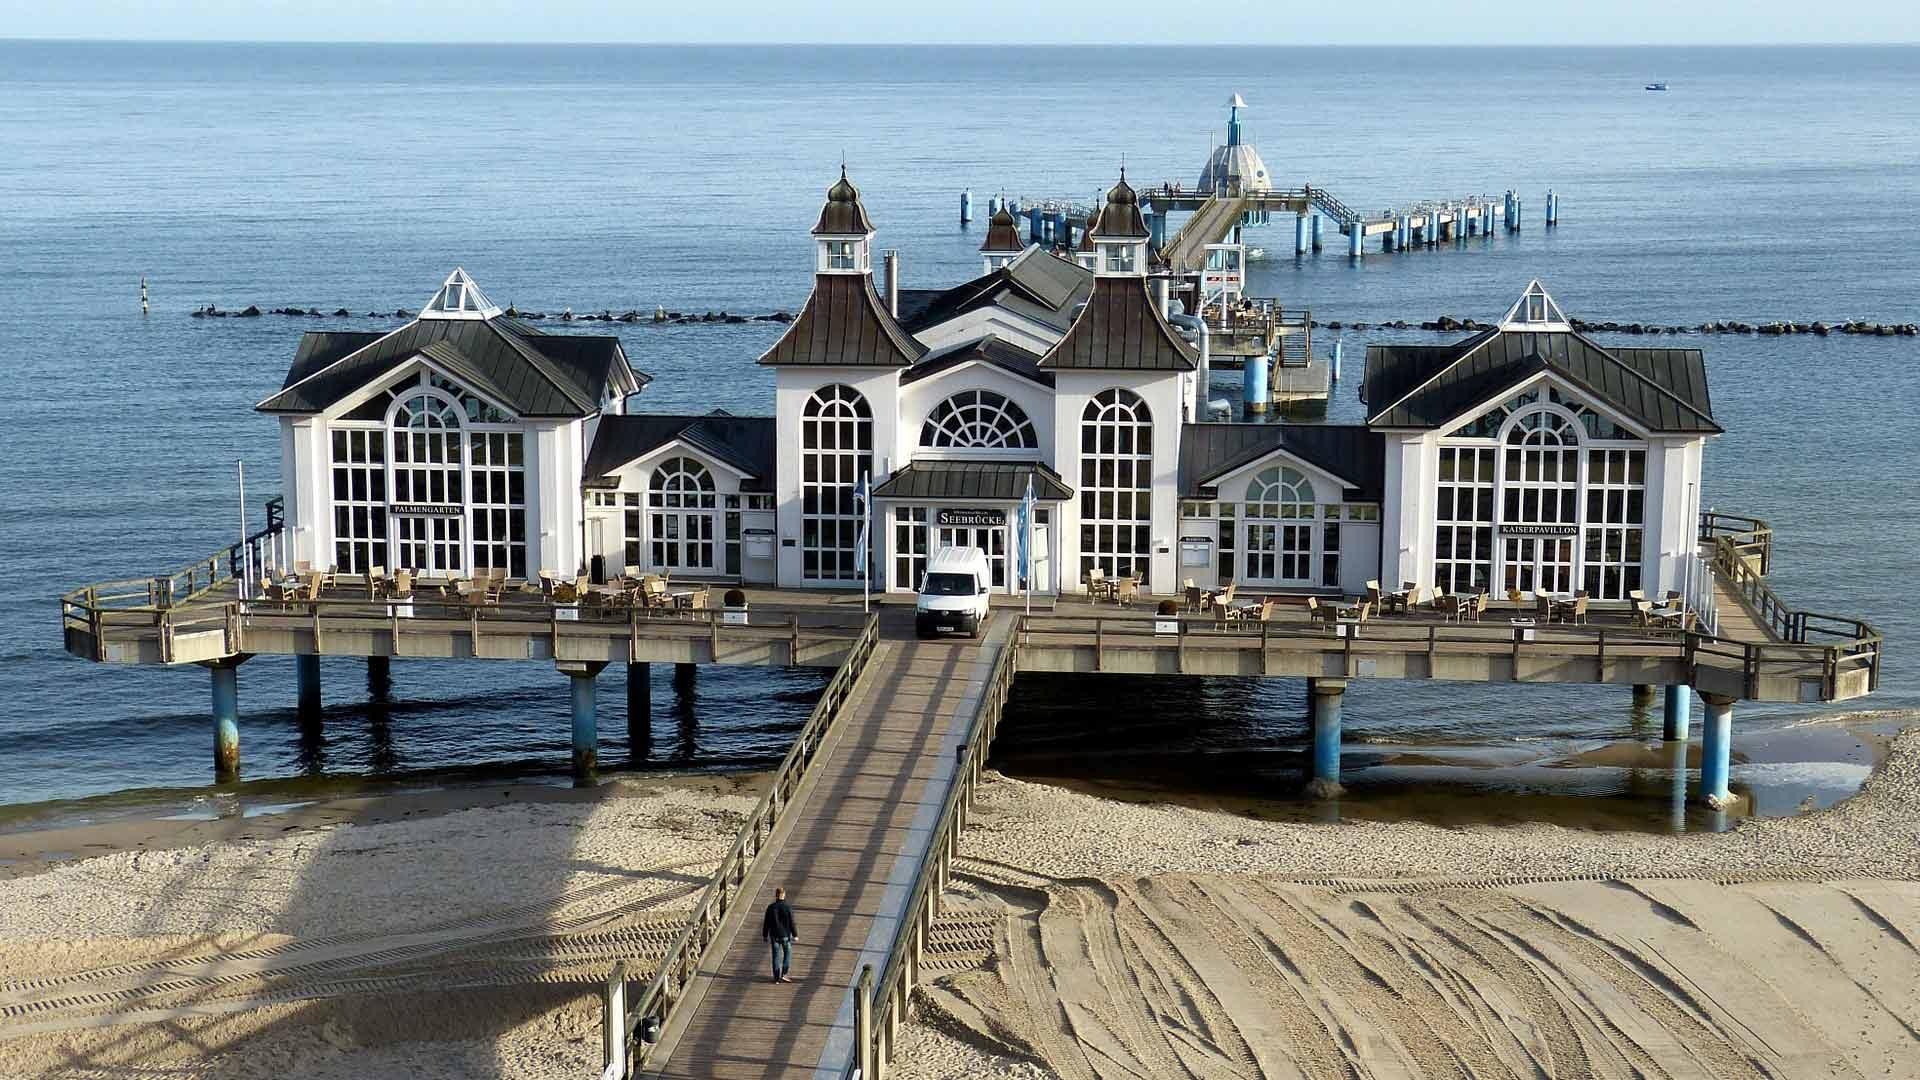 De prachtige pier van Sellin op Rügen. Een van de highlights van een fietsvakantie op Rügen, Hiddensee en Usedom